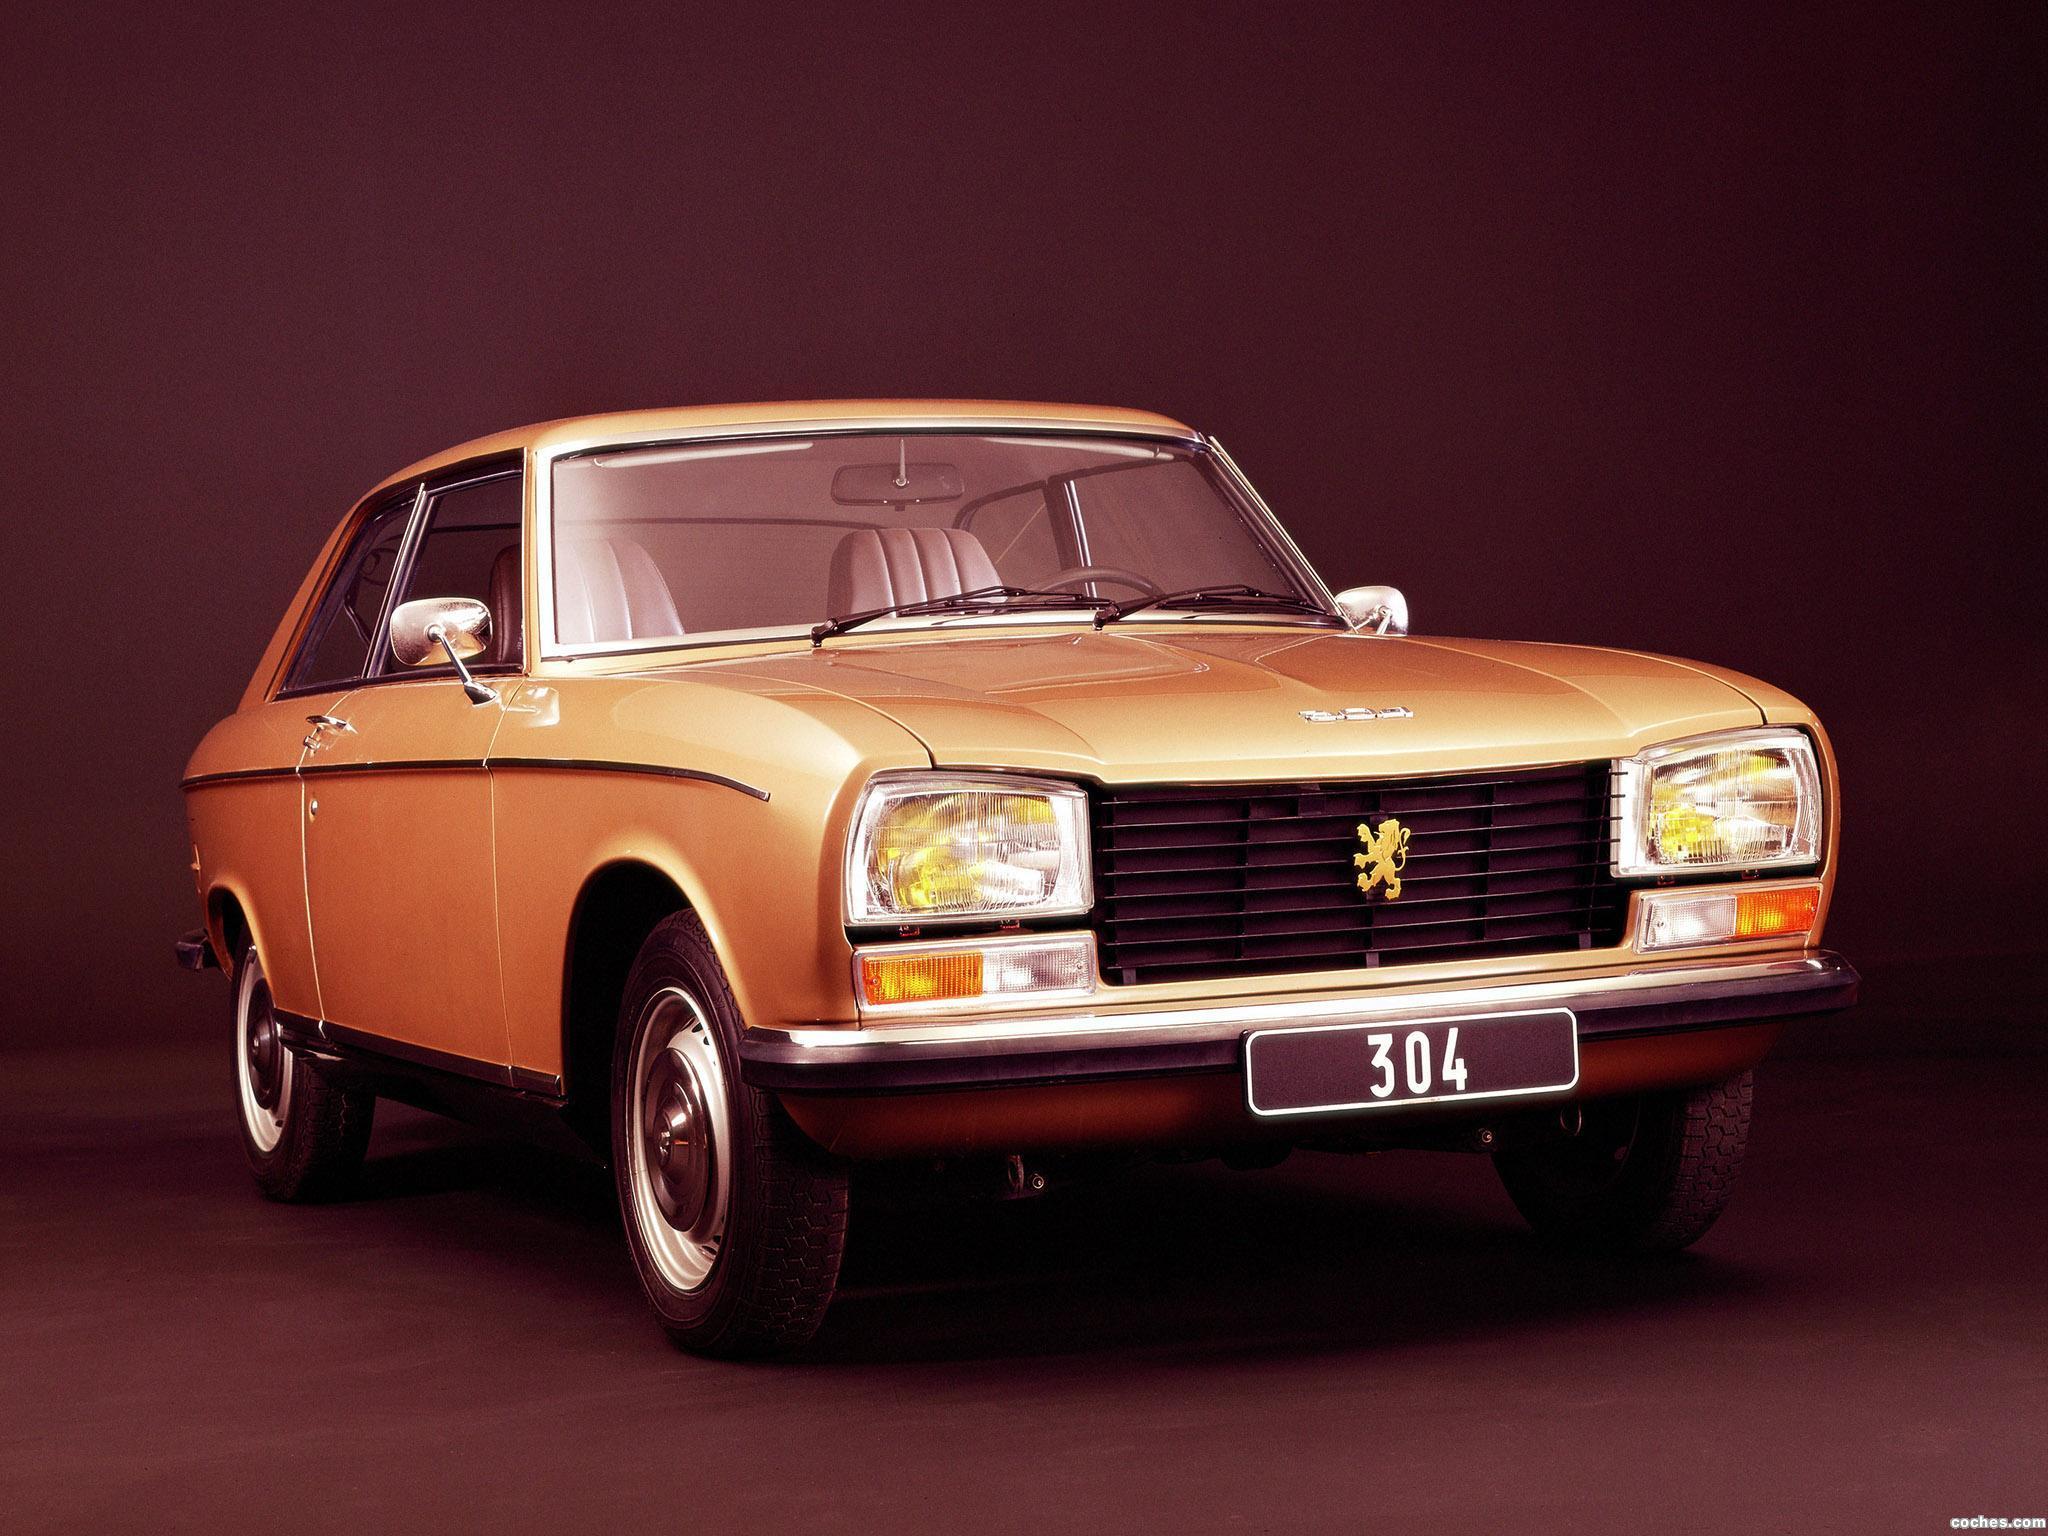 Foto 0 de Peugeot 304 Coupe 1970